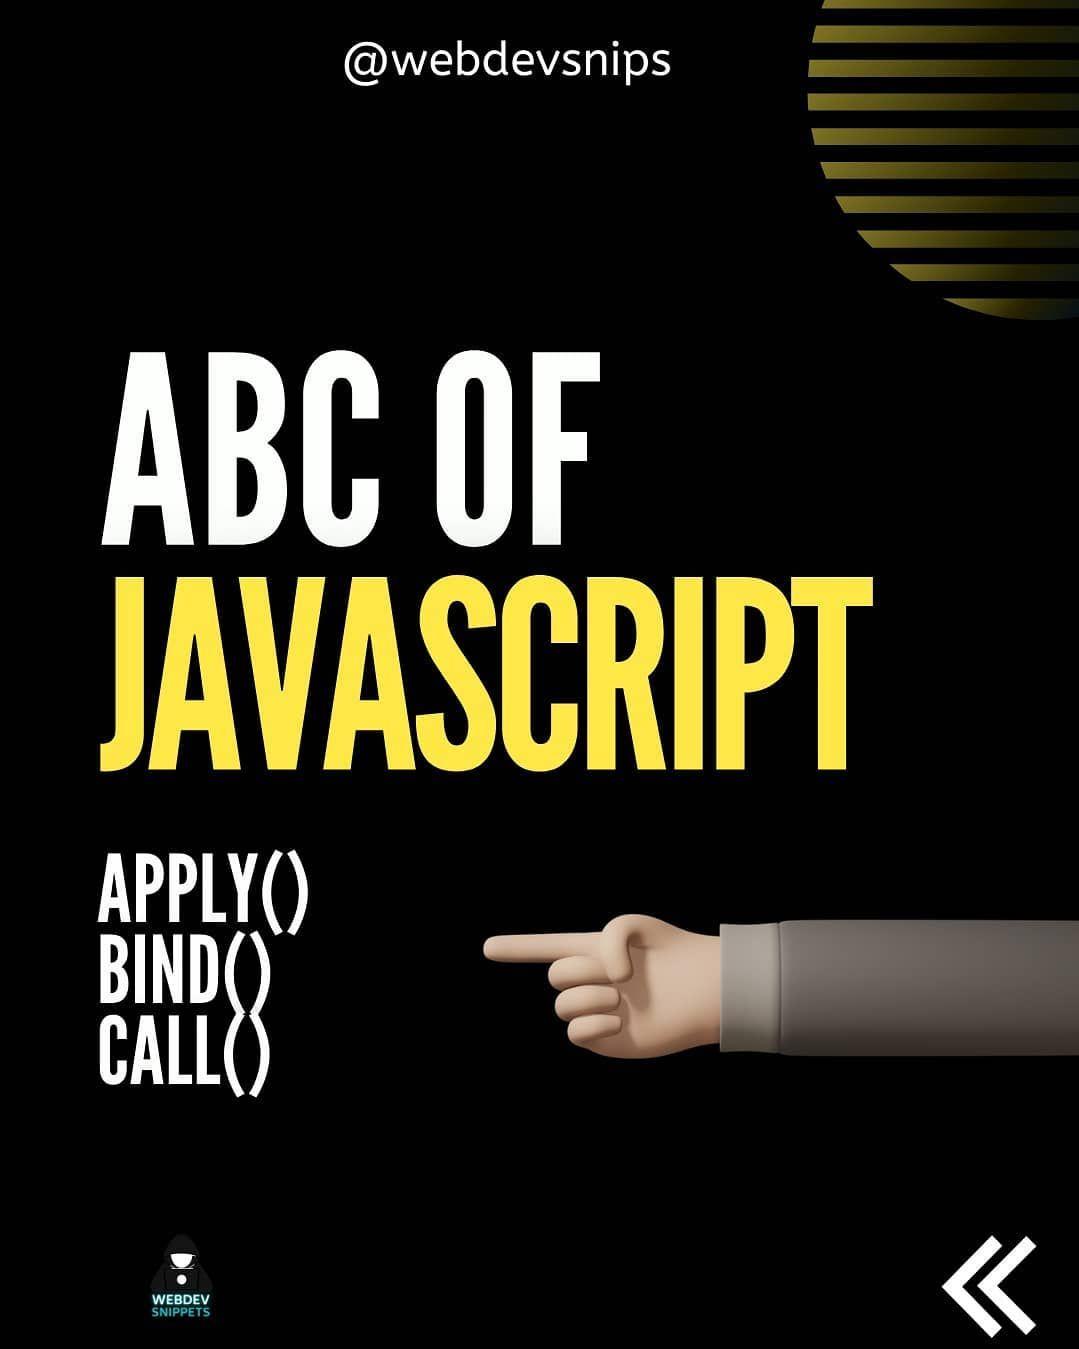 abc of javascript